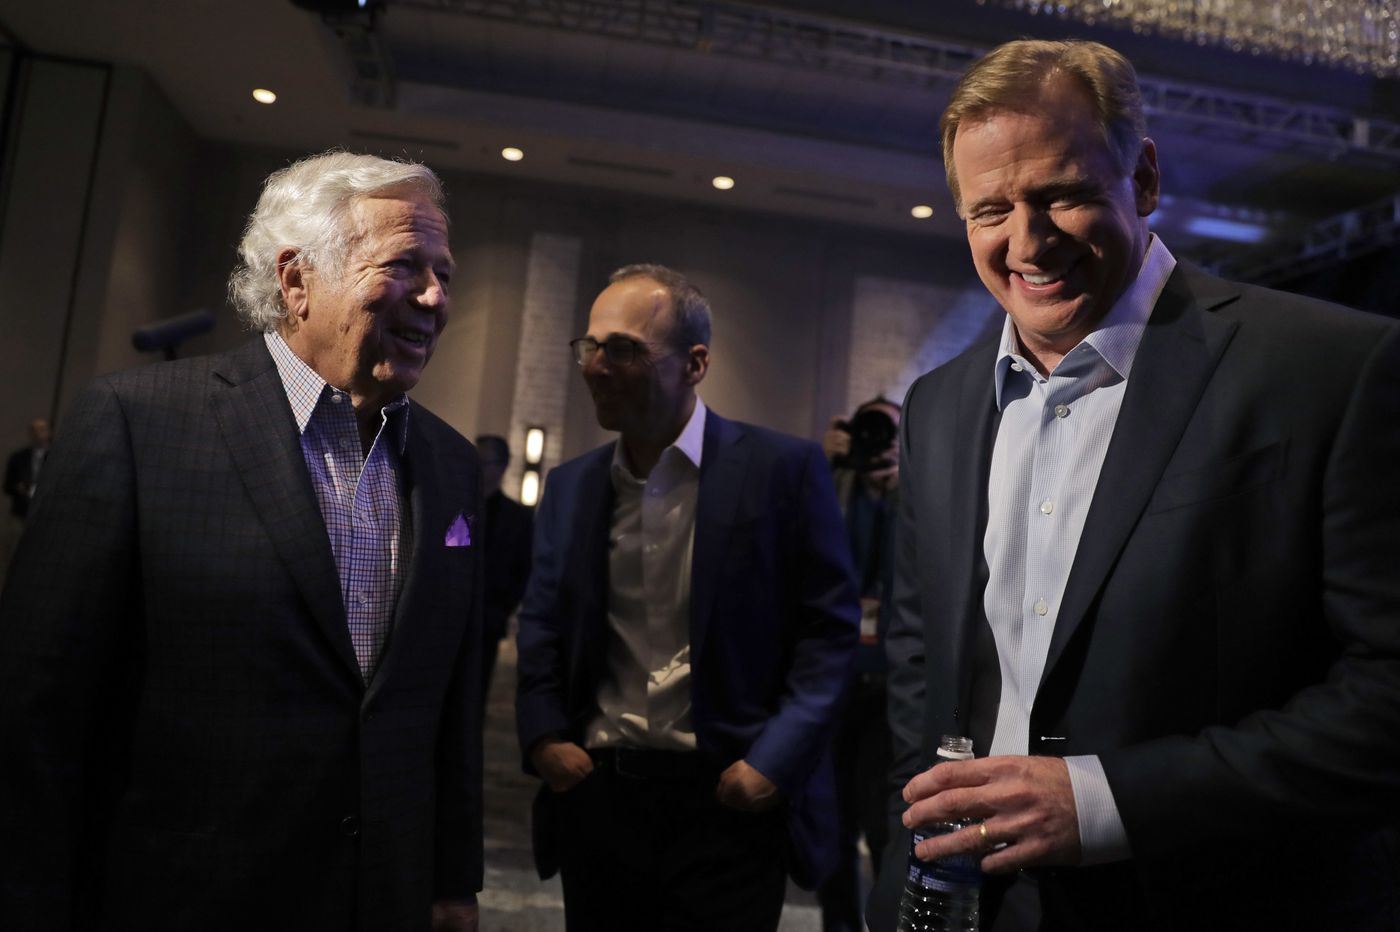 Kraft's bier: Patriots owner forever tarnished | Bob Ford